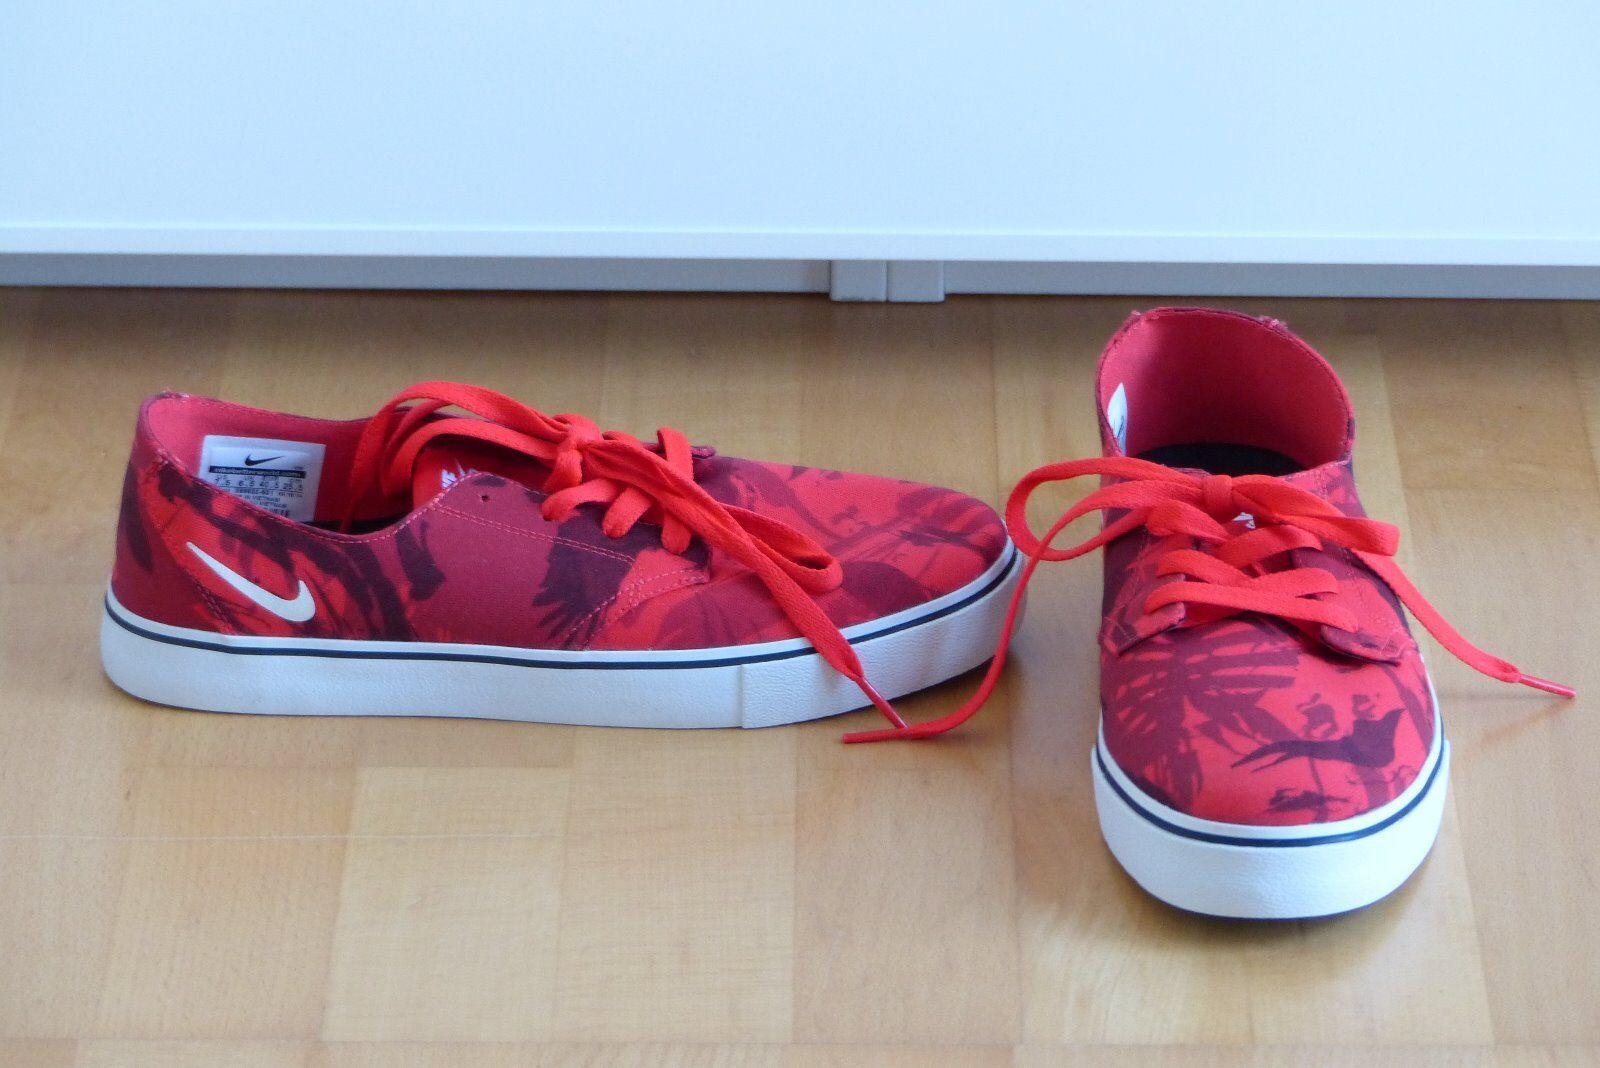 Nike Turnschuhe Turnschuhe rot EU 40.5 UK 6.5